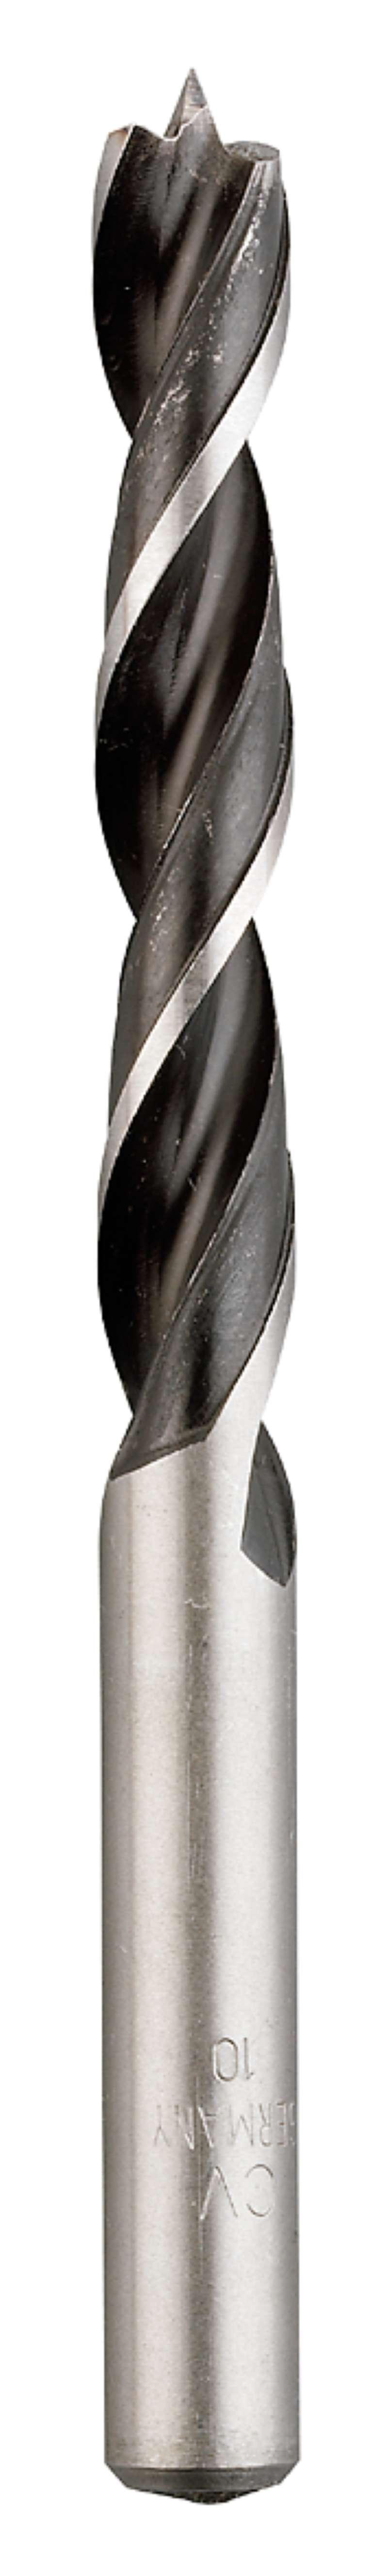 Сверло по дереву Kwb 5114-74 трусы для беременных фэст 40005 размер 50 серый меланж белый